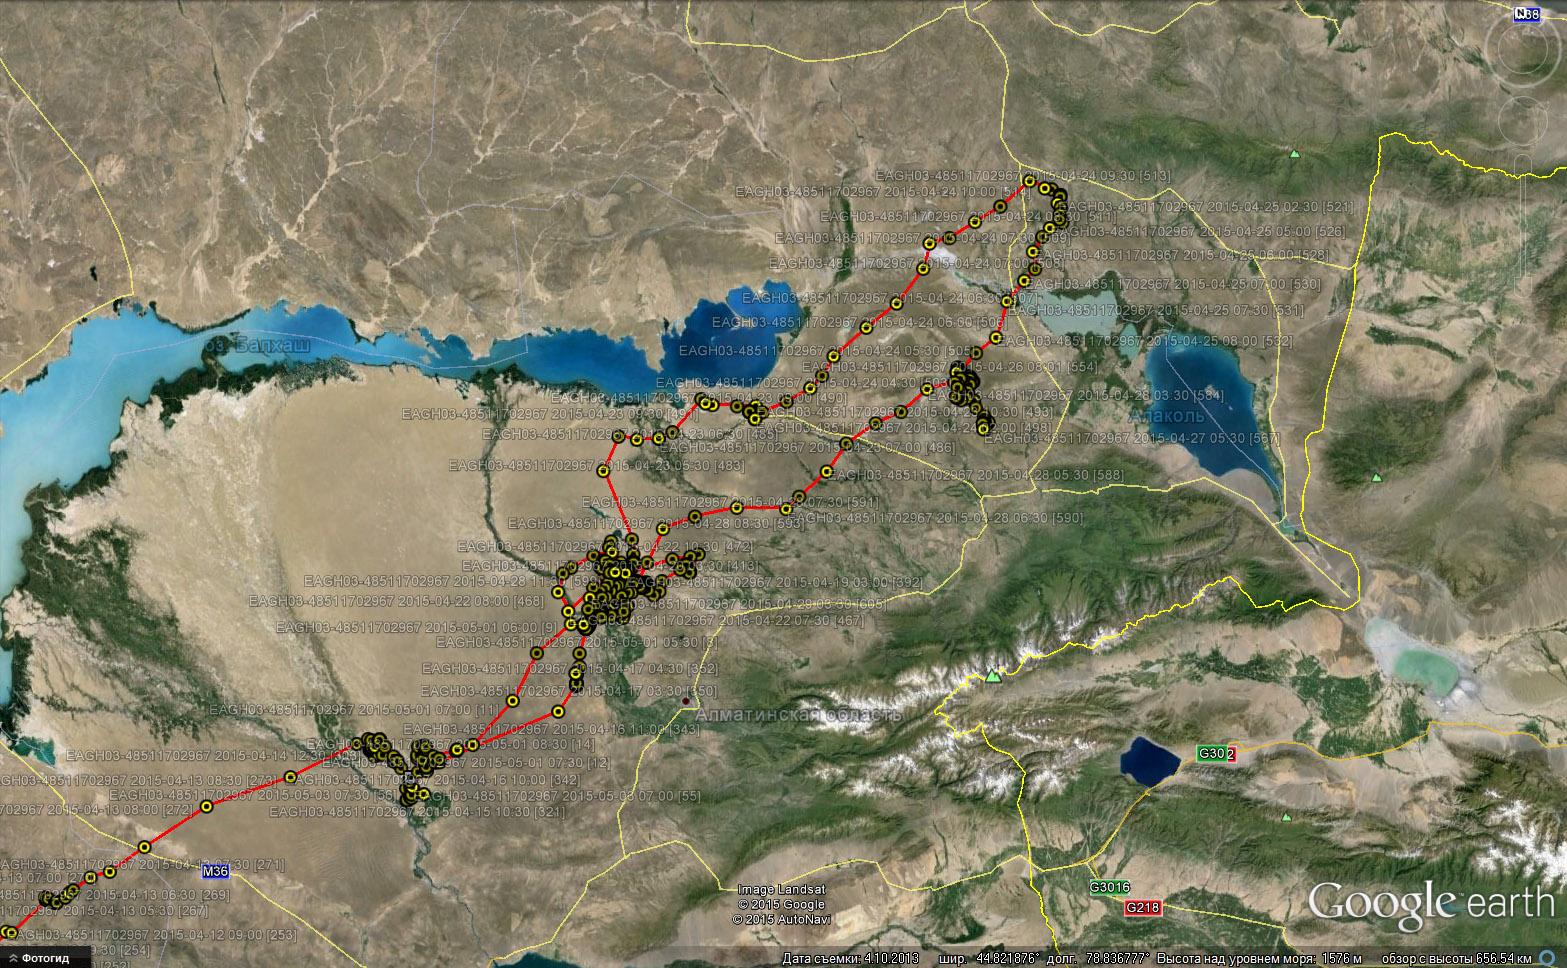 Перемещения Ороши во второй половине апреля - первых числах мая 2015 г. в Прибалхашье